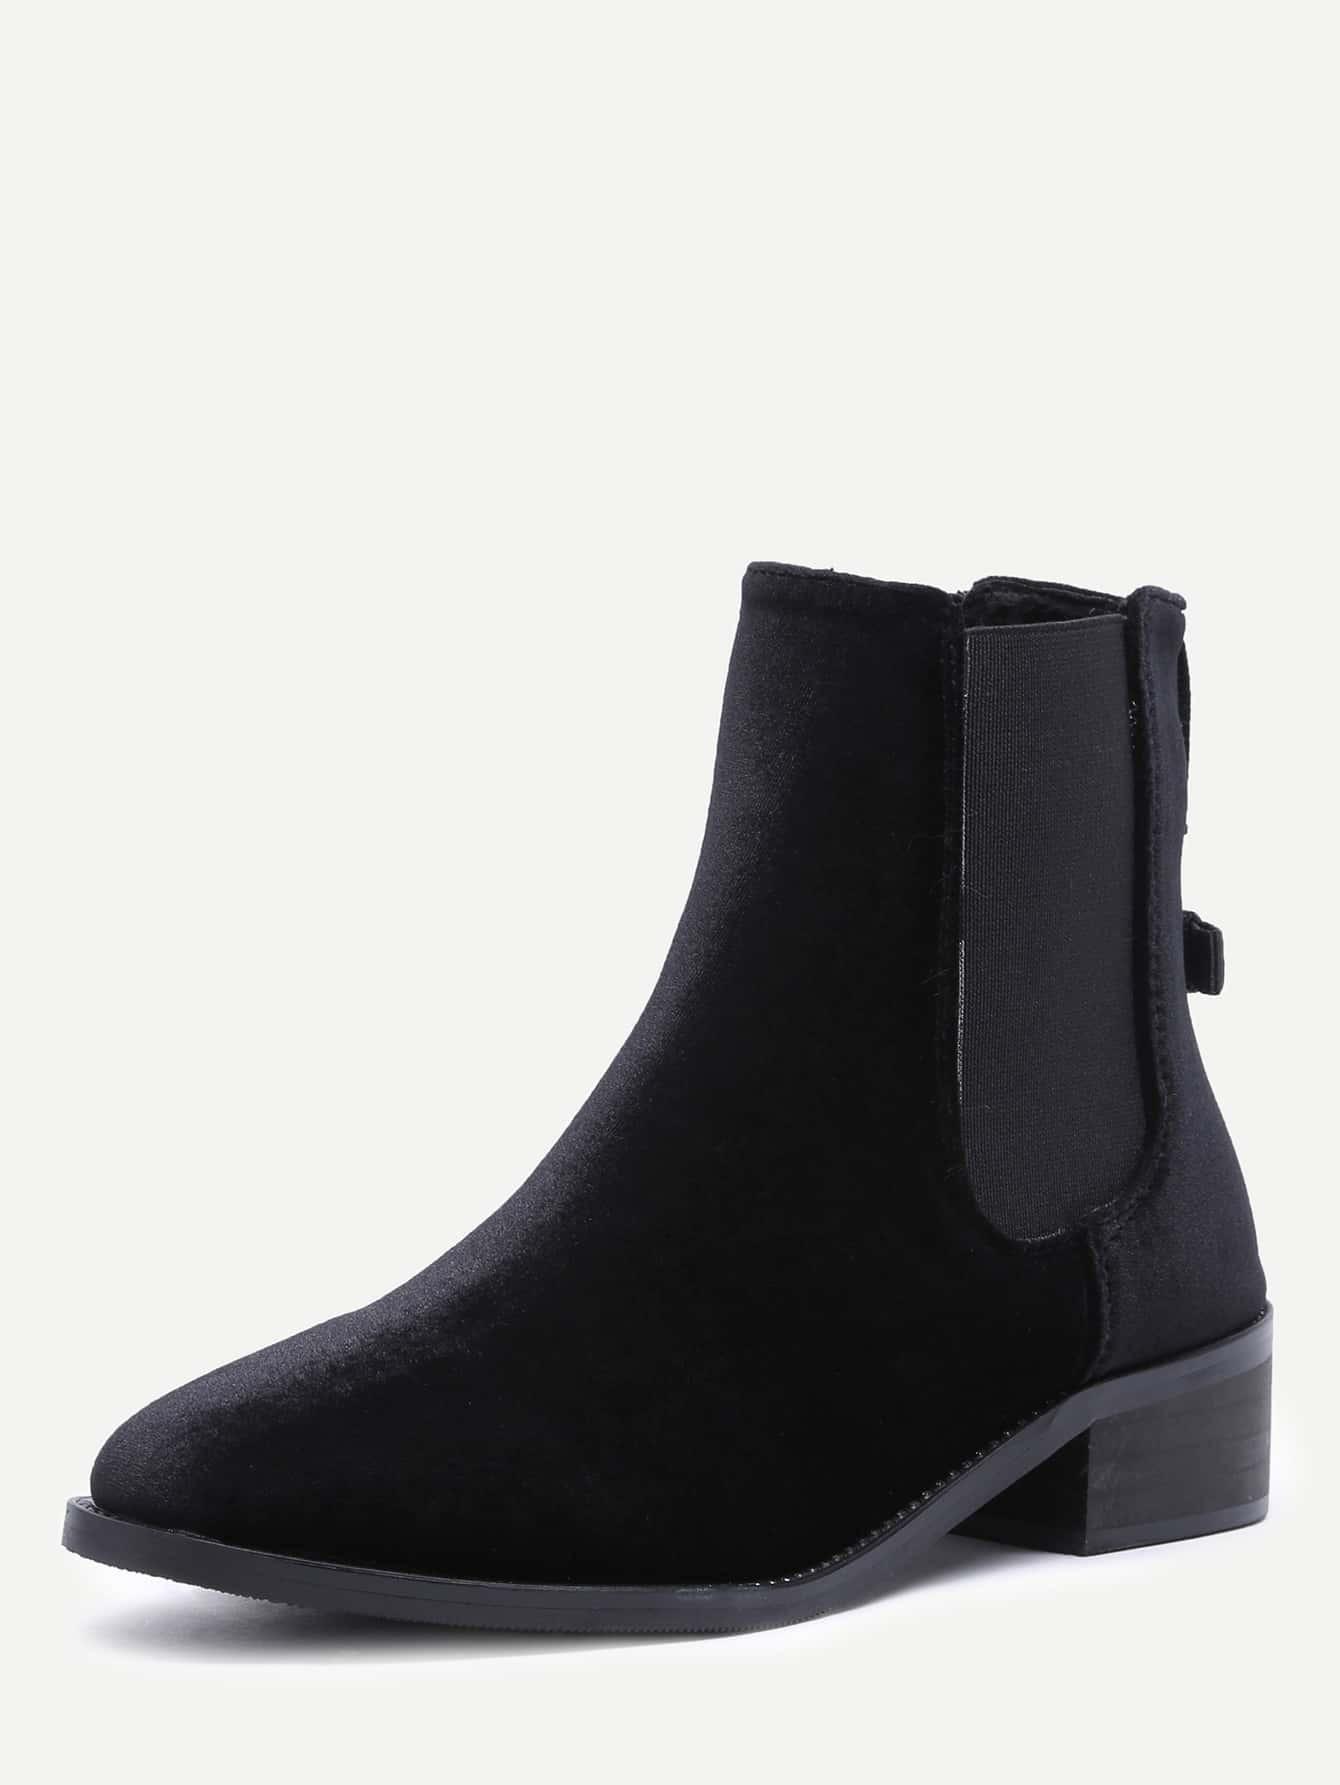 shoes161021804_2